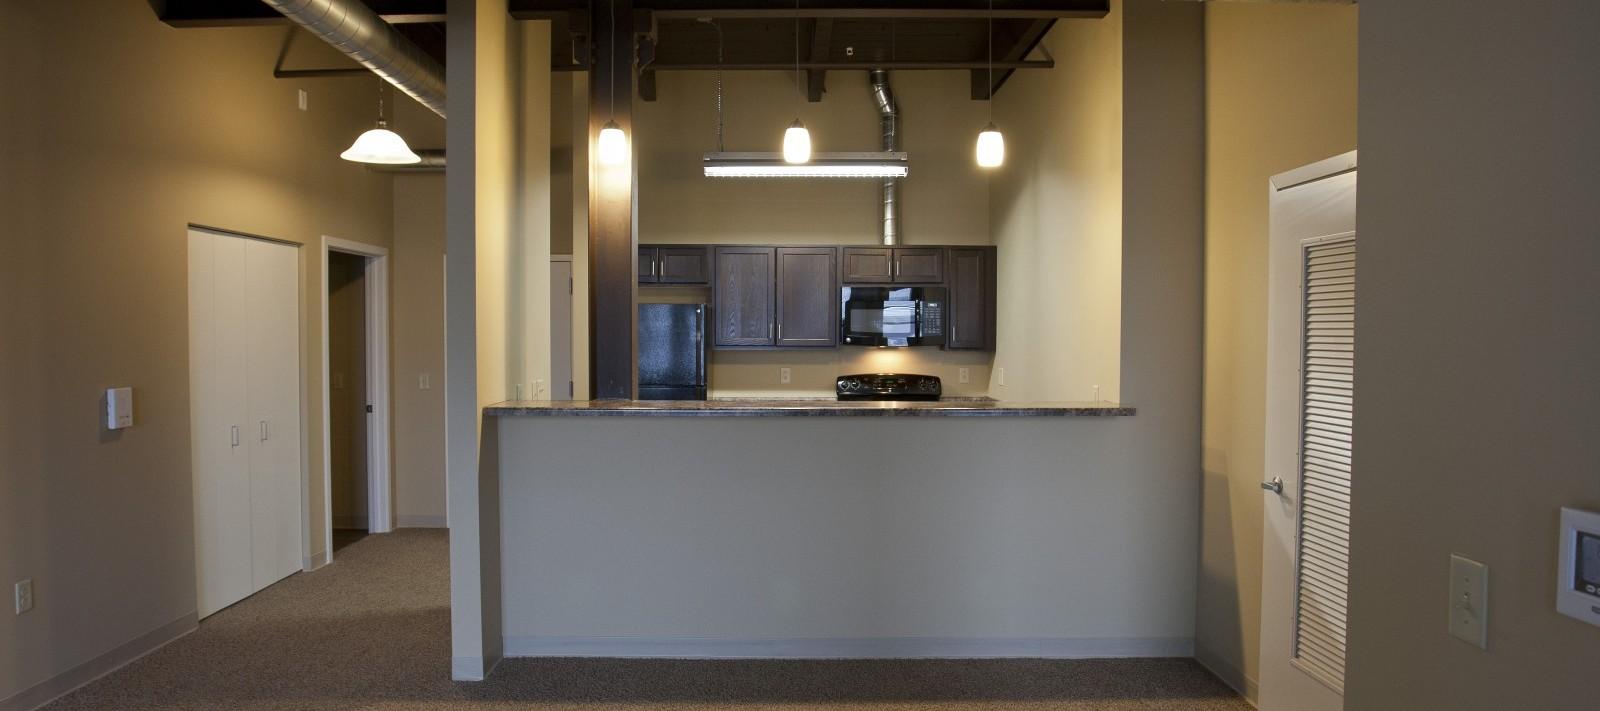 Jackson Square apartments concierge desk